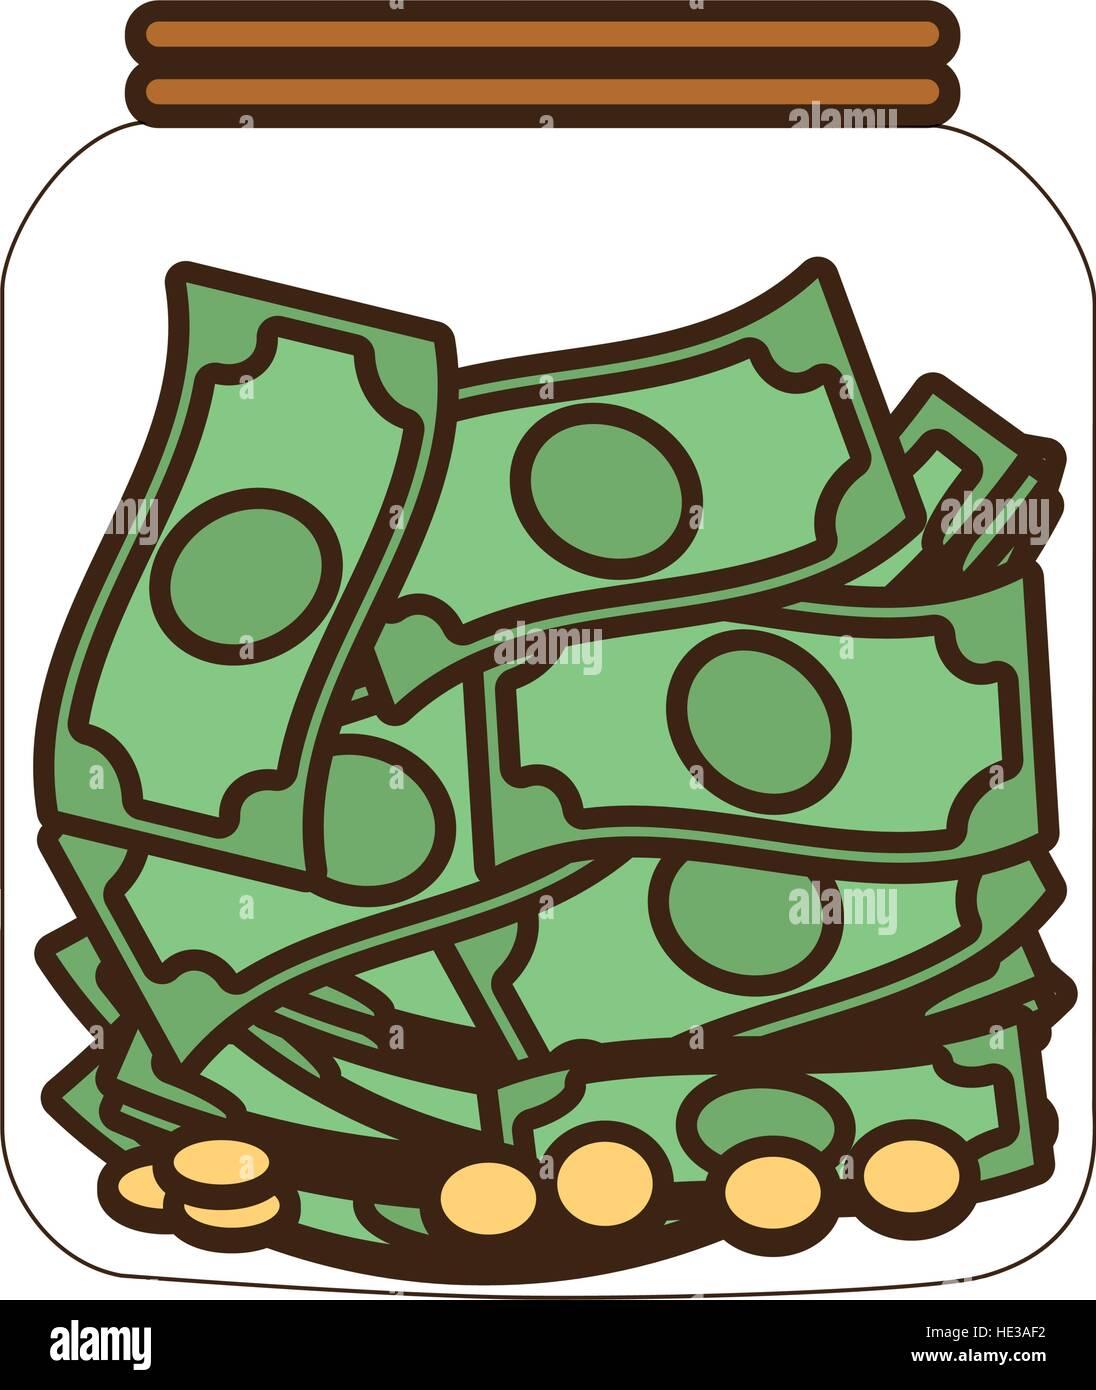 how to make a money saving jar